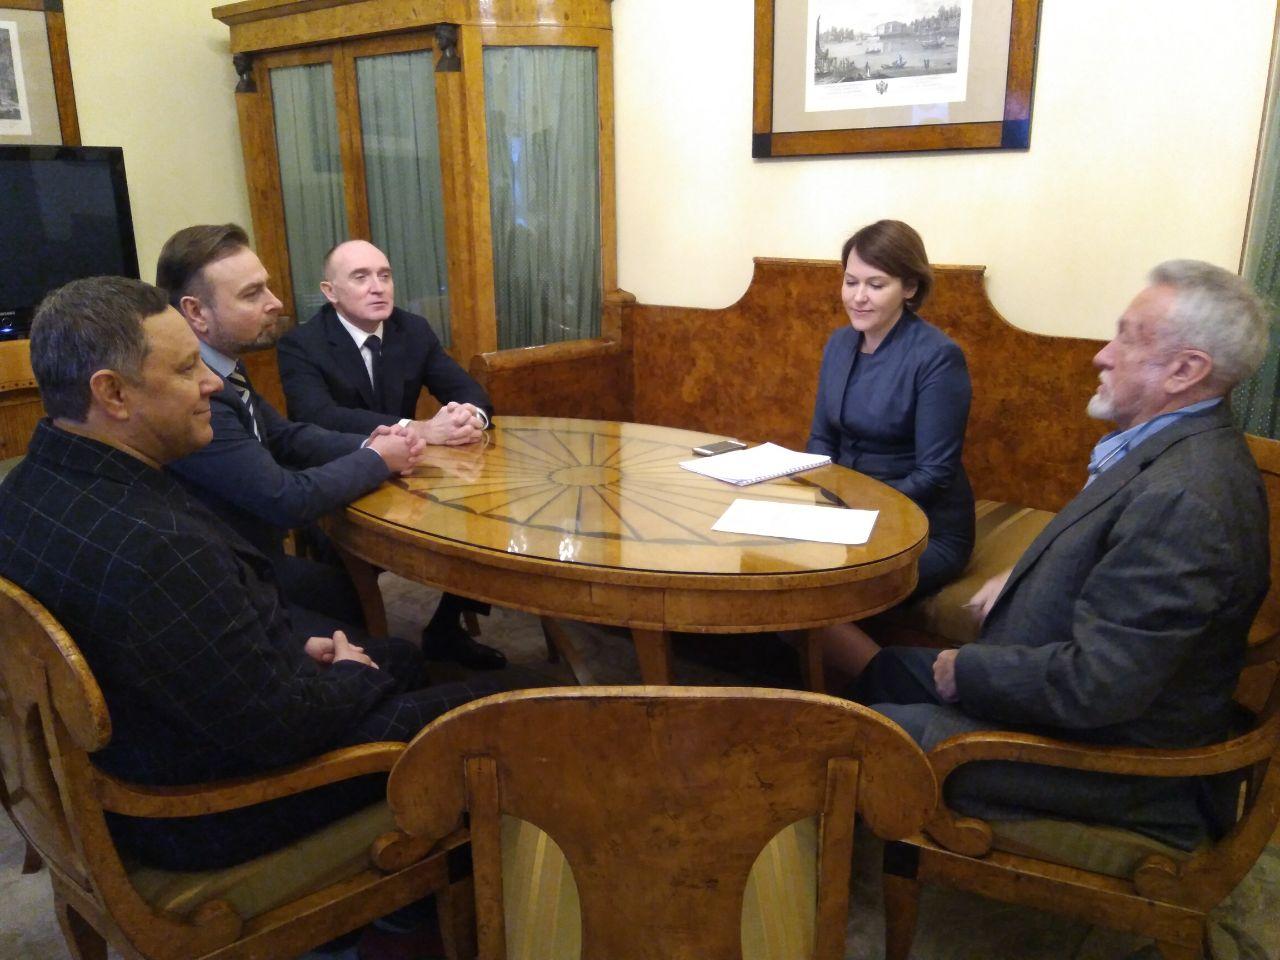 Обсуждаются перспективы сотрудничества региона и музея. По итогам встречи в Челябинске, Магнитого